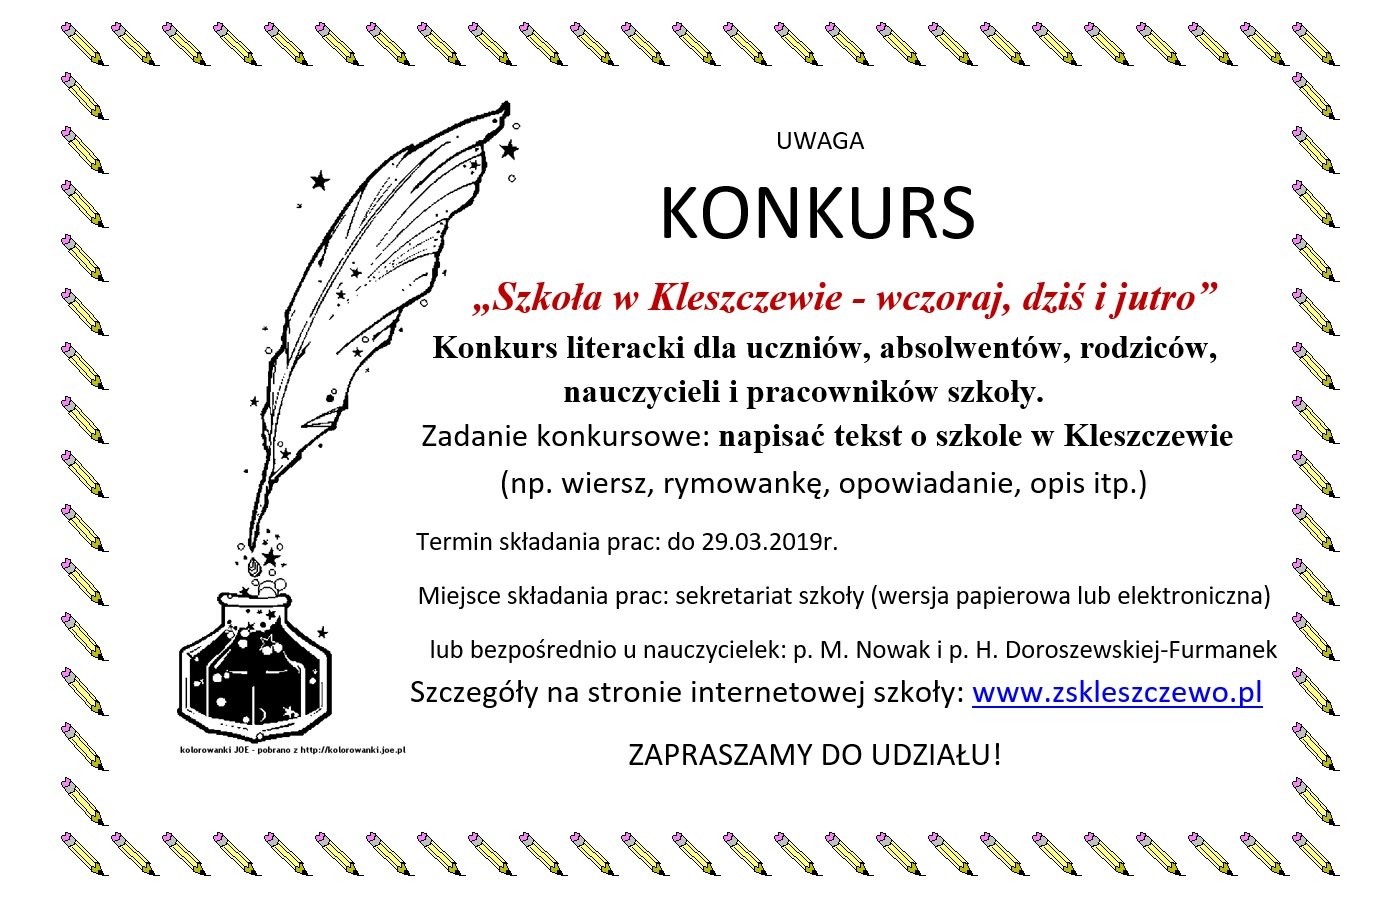 Zespół Szkół W Kleszczewie Uwaga Konkurs